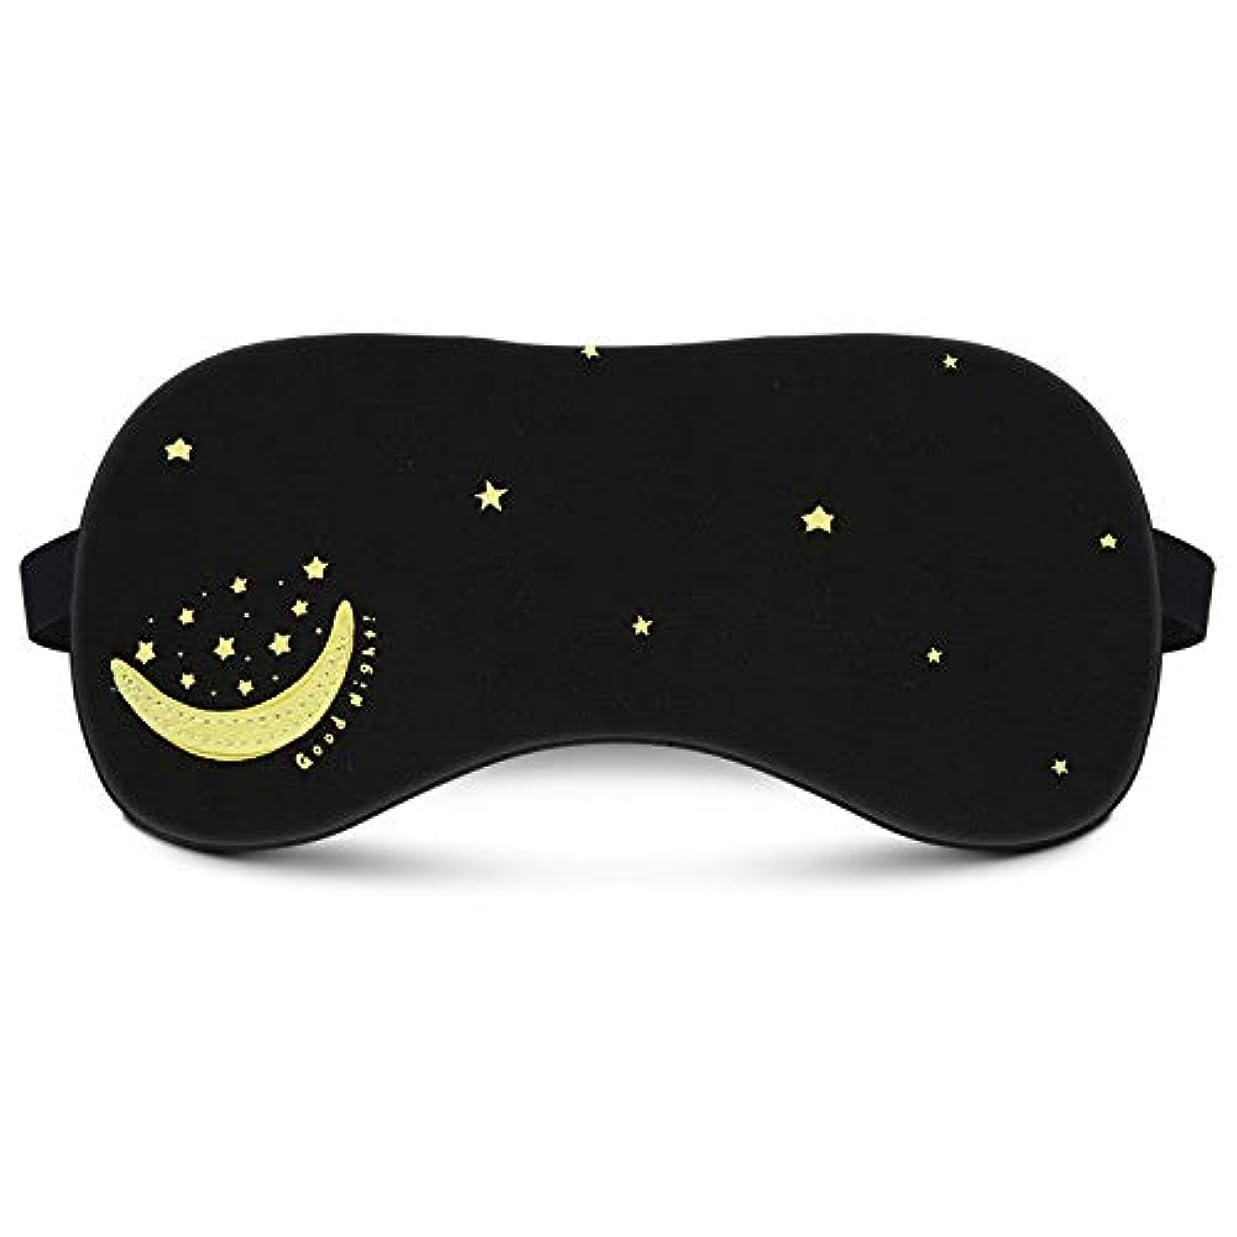 匿名パステルむちゃくちゃNOTE Eearplug無料ギフトブラックナイト睡眠マスク用包帯付き睡眠目隠し睡眠アイマスク目カバーフェイスマスク用昼寝